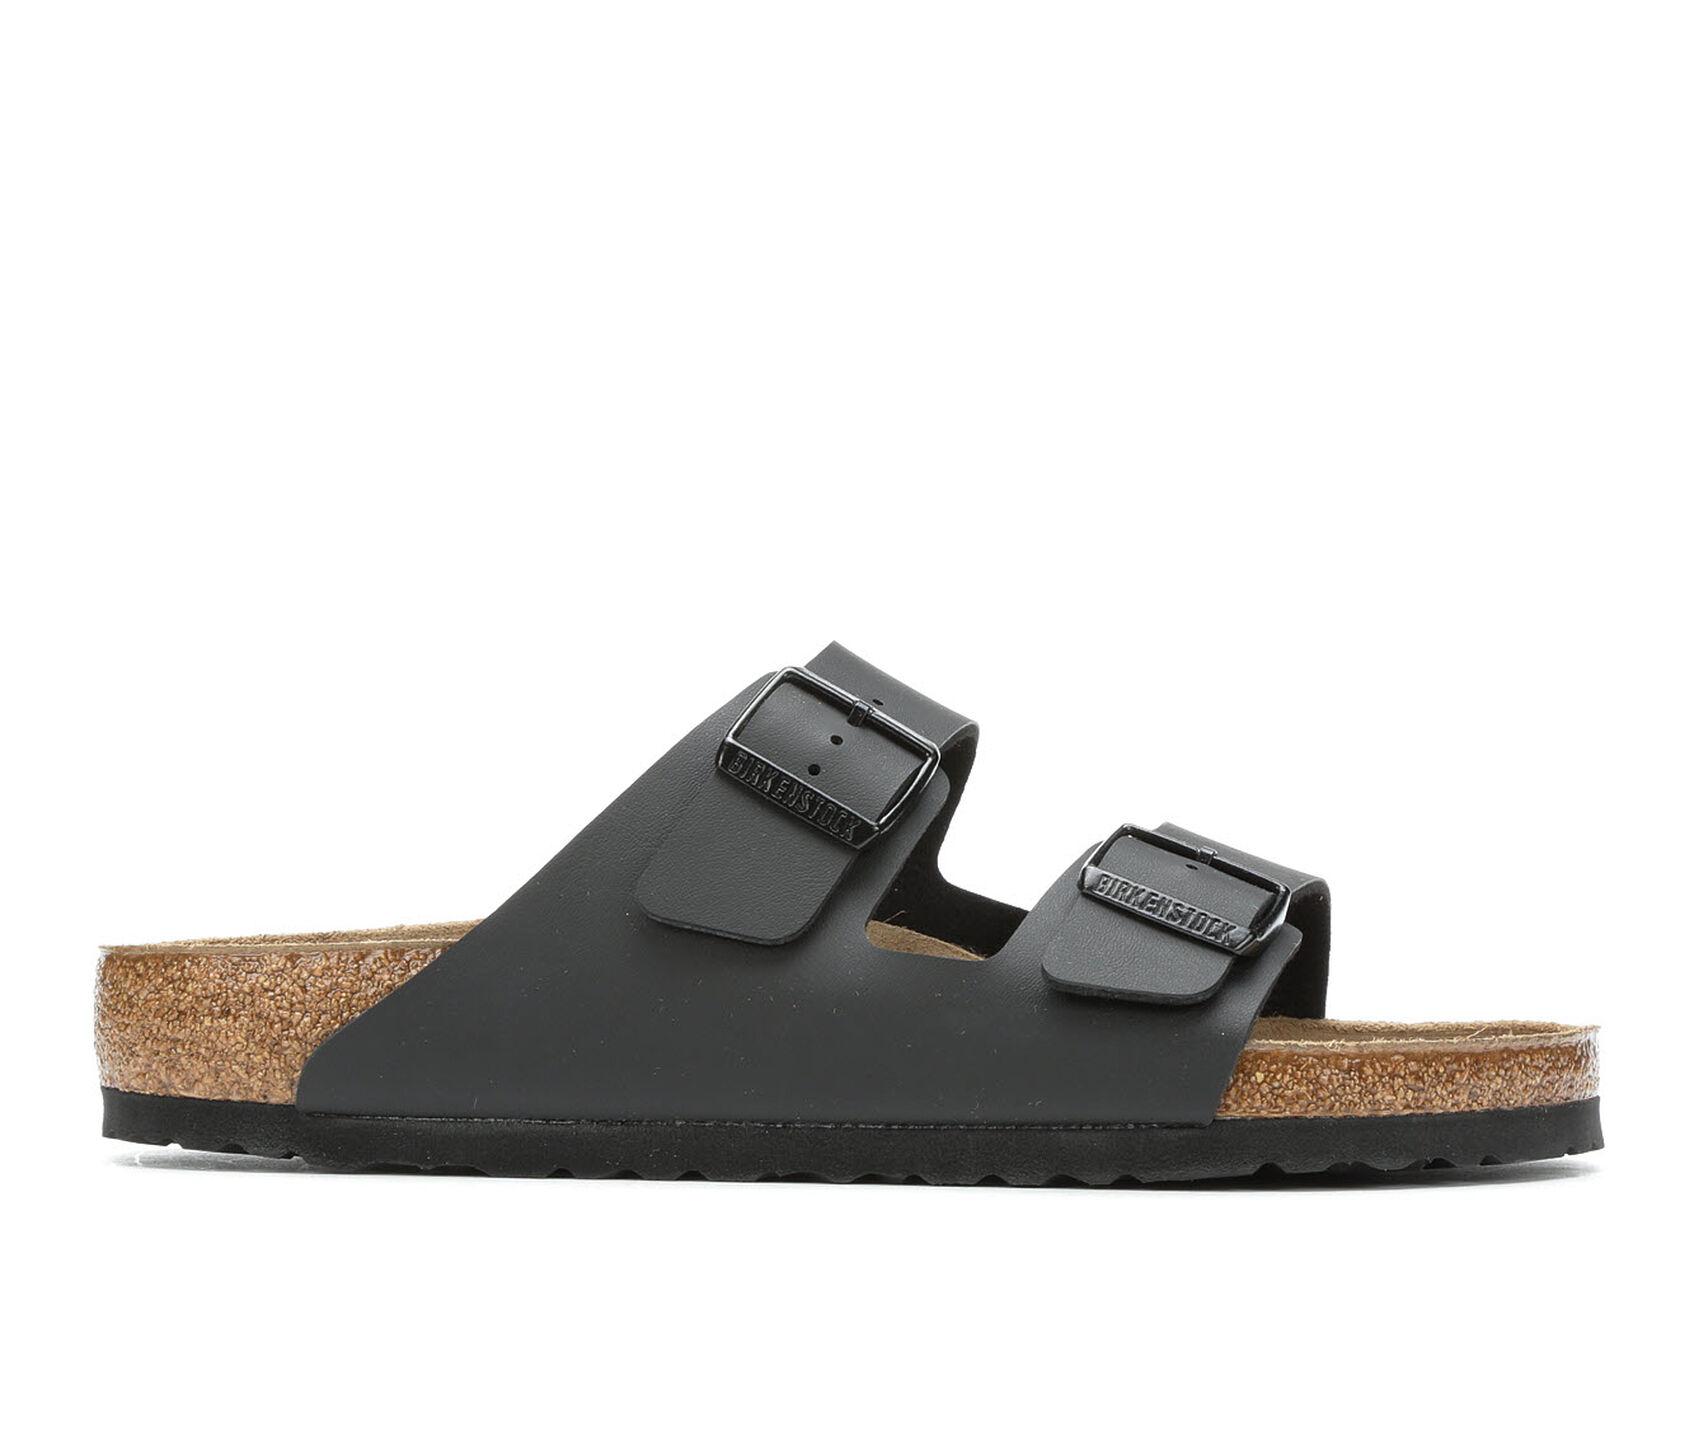 3954e3dede71 ... Birkenstock Arizona 2 Buckle Outdoor Sandals. Previous